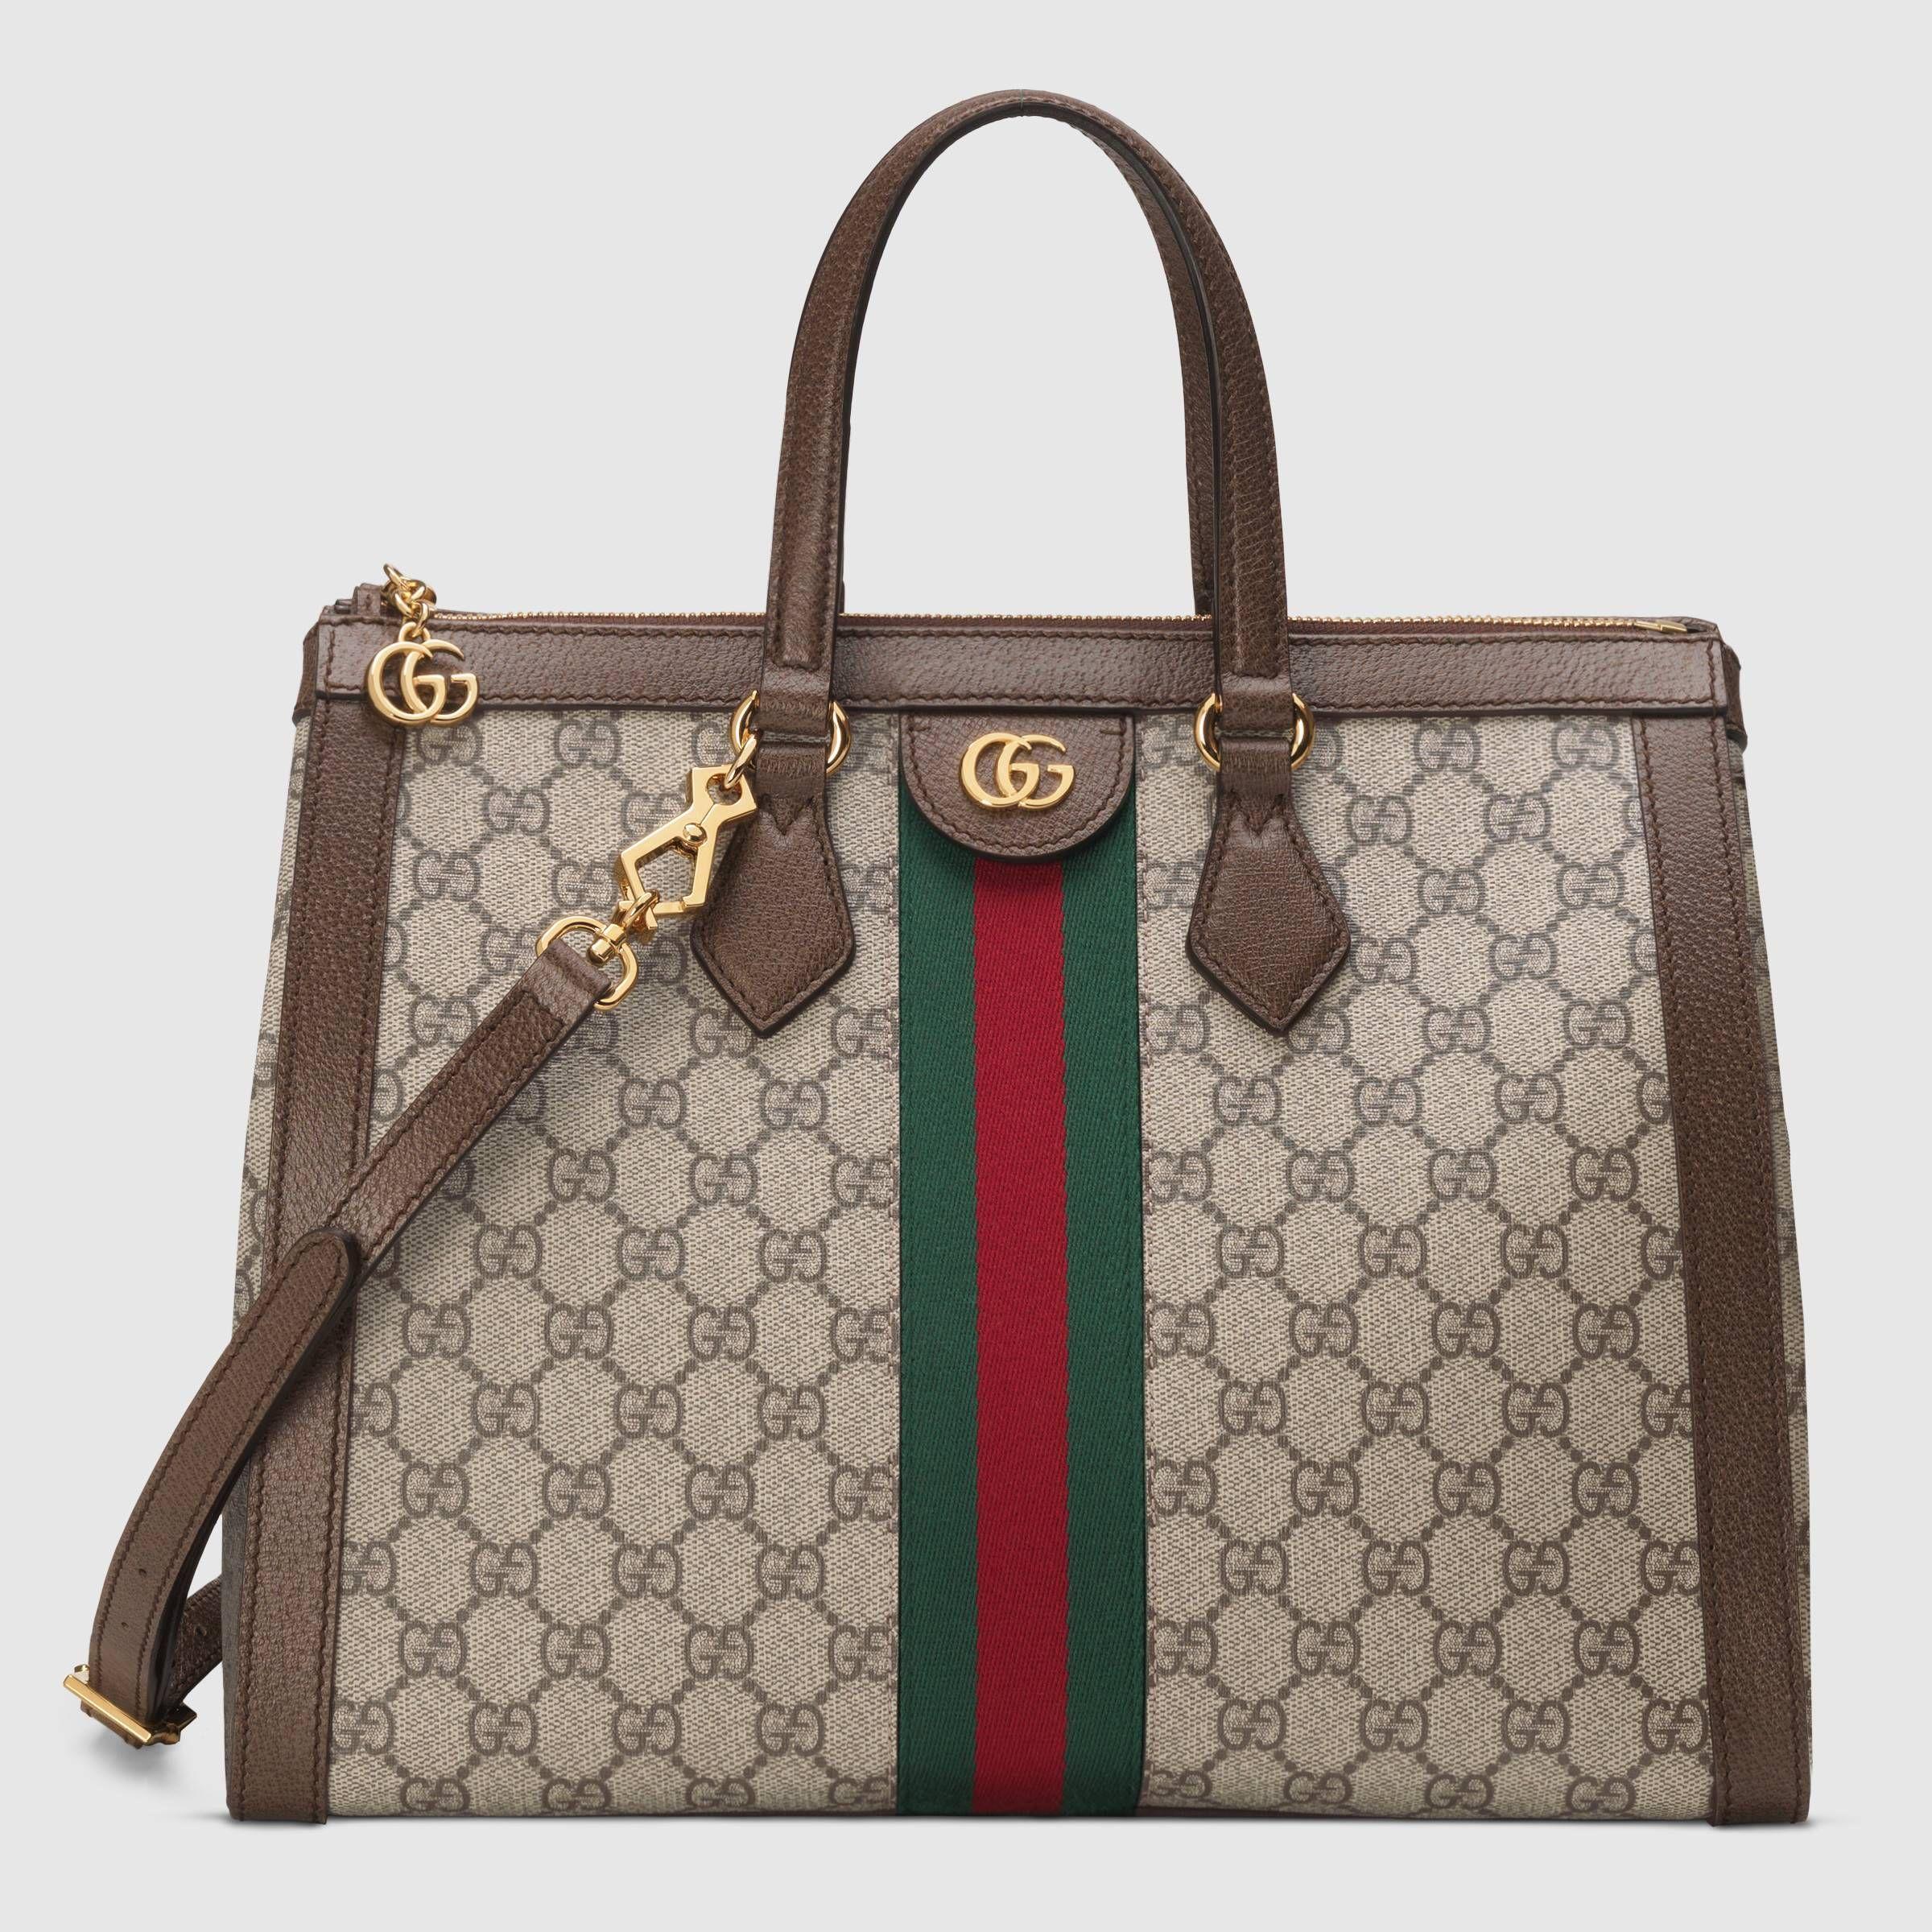 520072fec8d1 Ophidia GG medium top handle bag - Gucci Women's Totes 524537K05NB8745